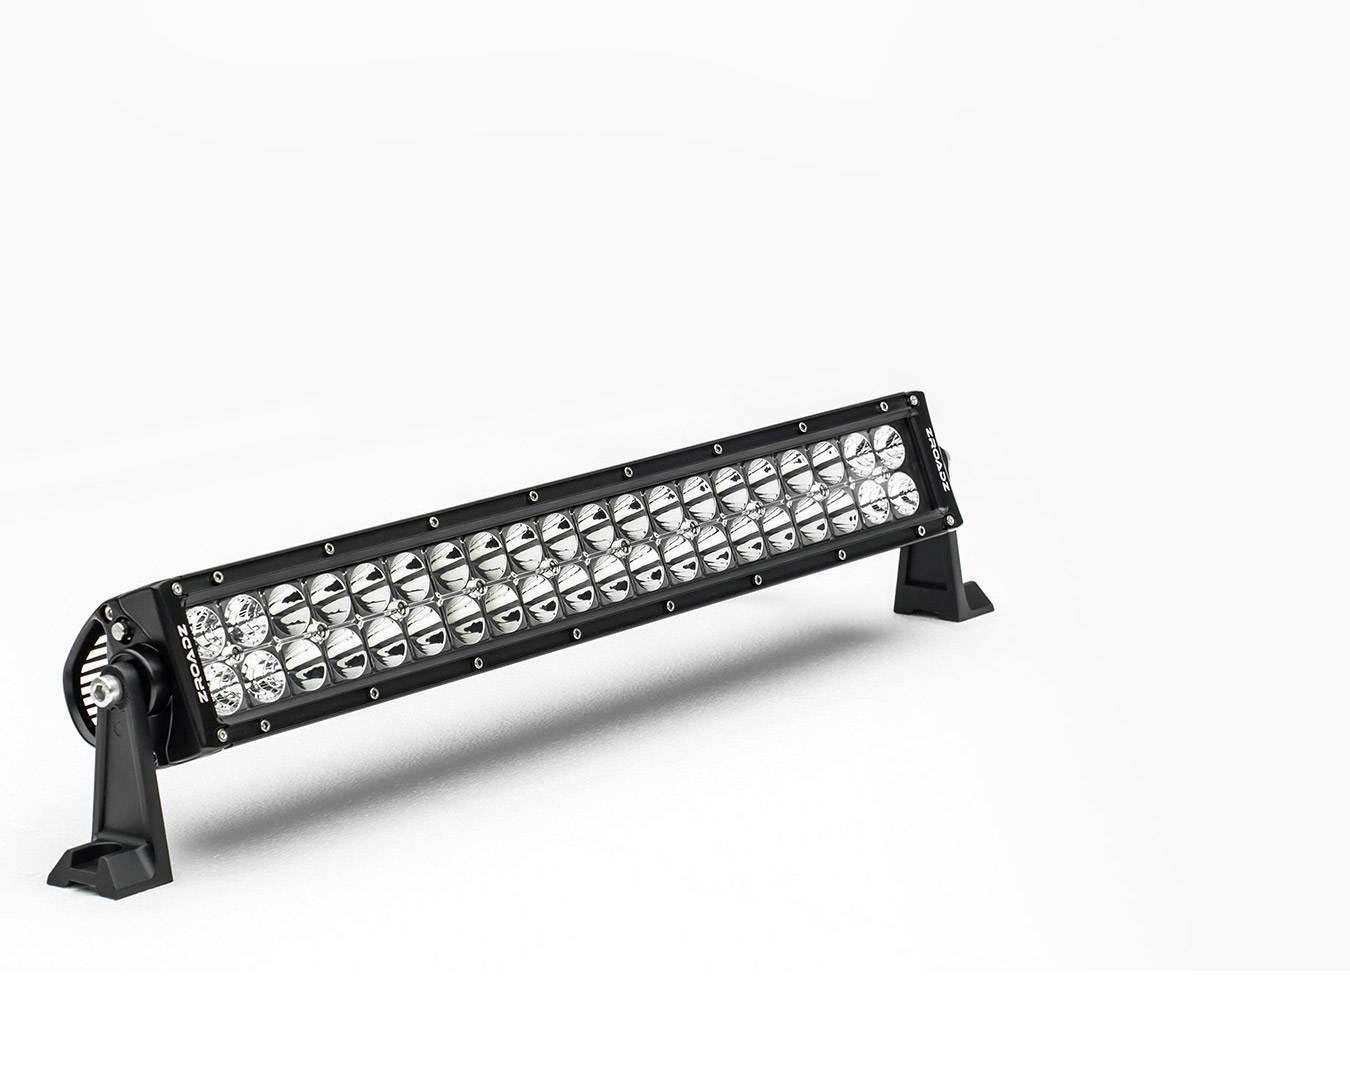 ZROADZ - 20 Inch LED Straight Double Row Light Bar - PN #Z30BC14W120